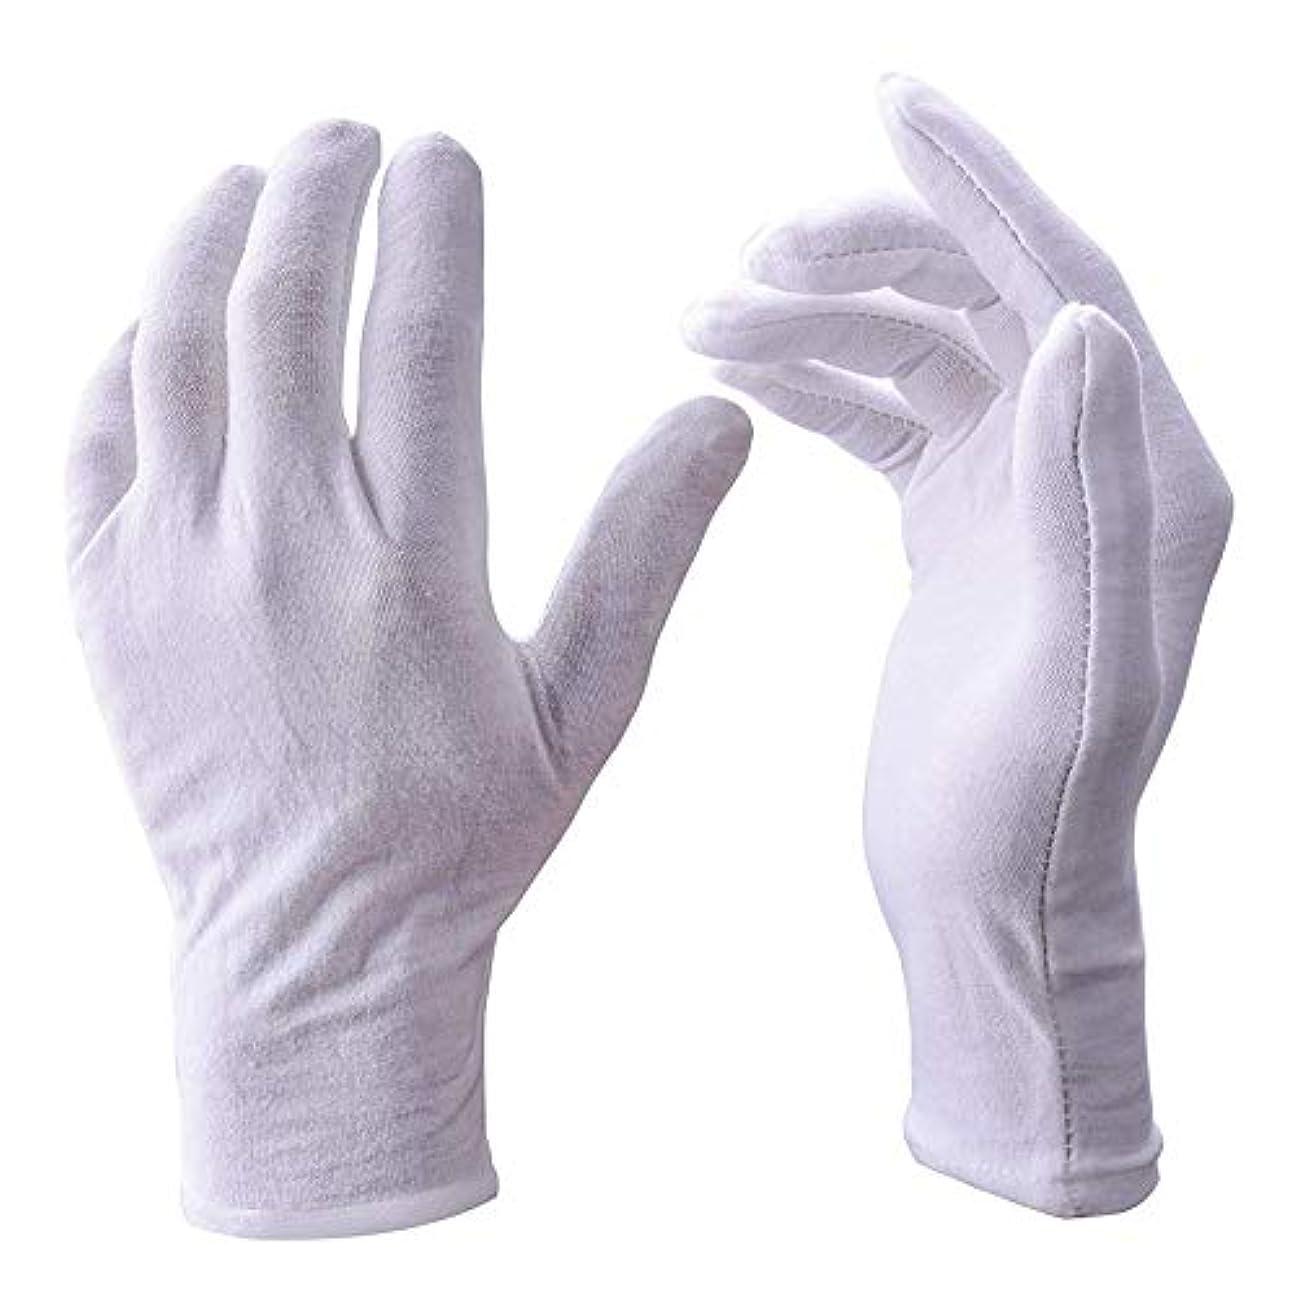 土地みストレージLEUYUAN コットン手袋 綿手袋 手荒れ防止 保湿用 礼装用 作業用 薄手 白手袋 使い捨て手袋 (12双組, 白, XL)